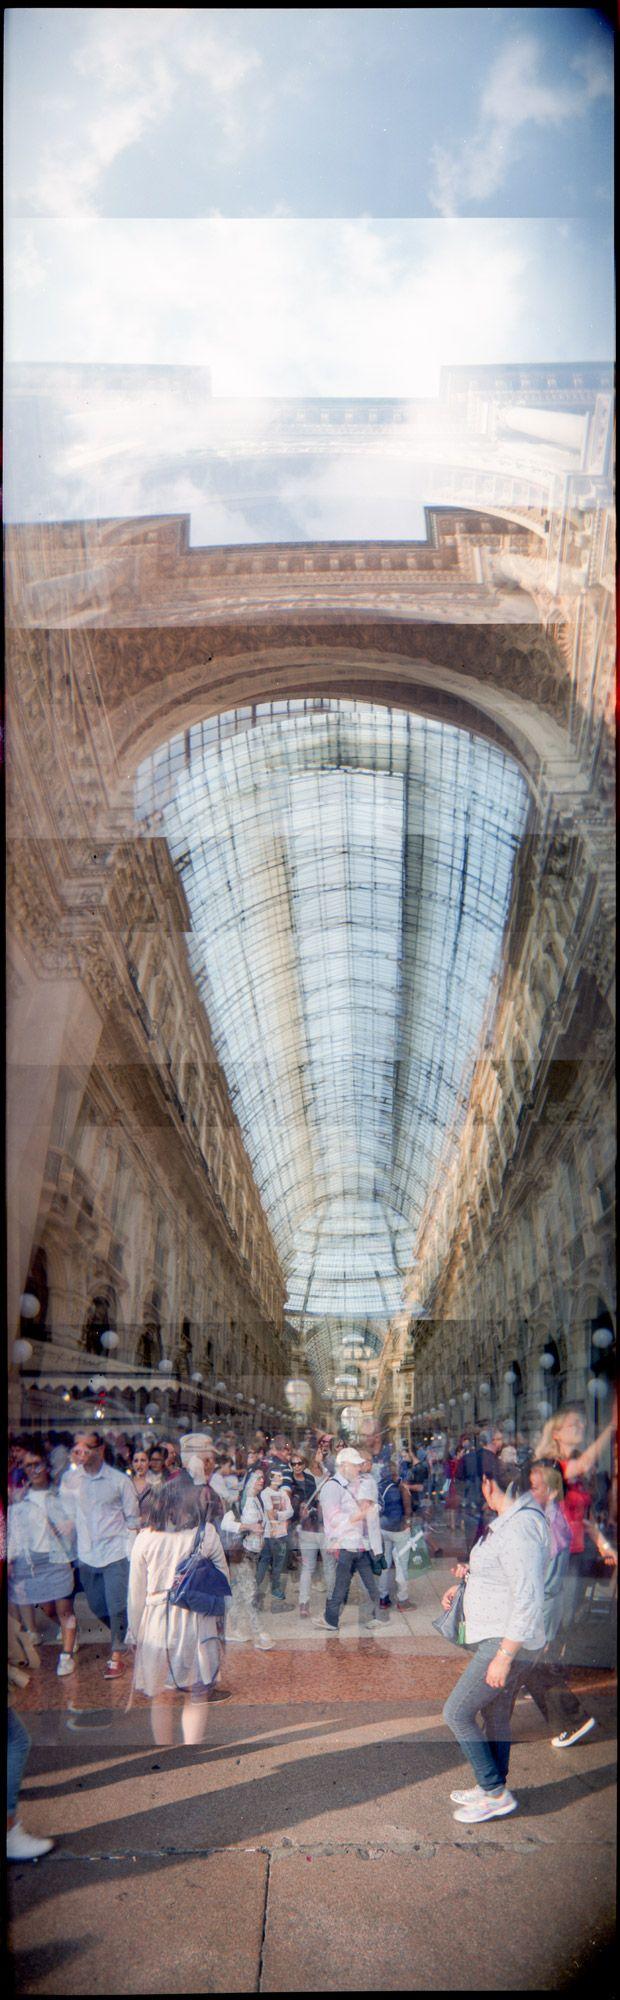 Galleria Vittorio Emanuele II Milano - Holgagraphy vertical Panorama